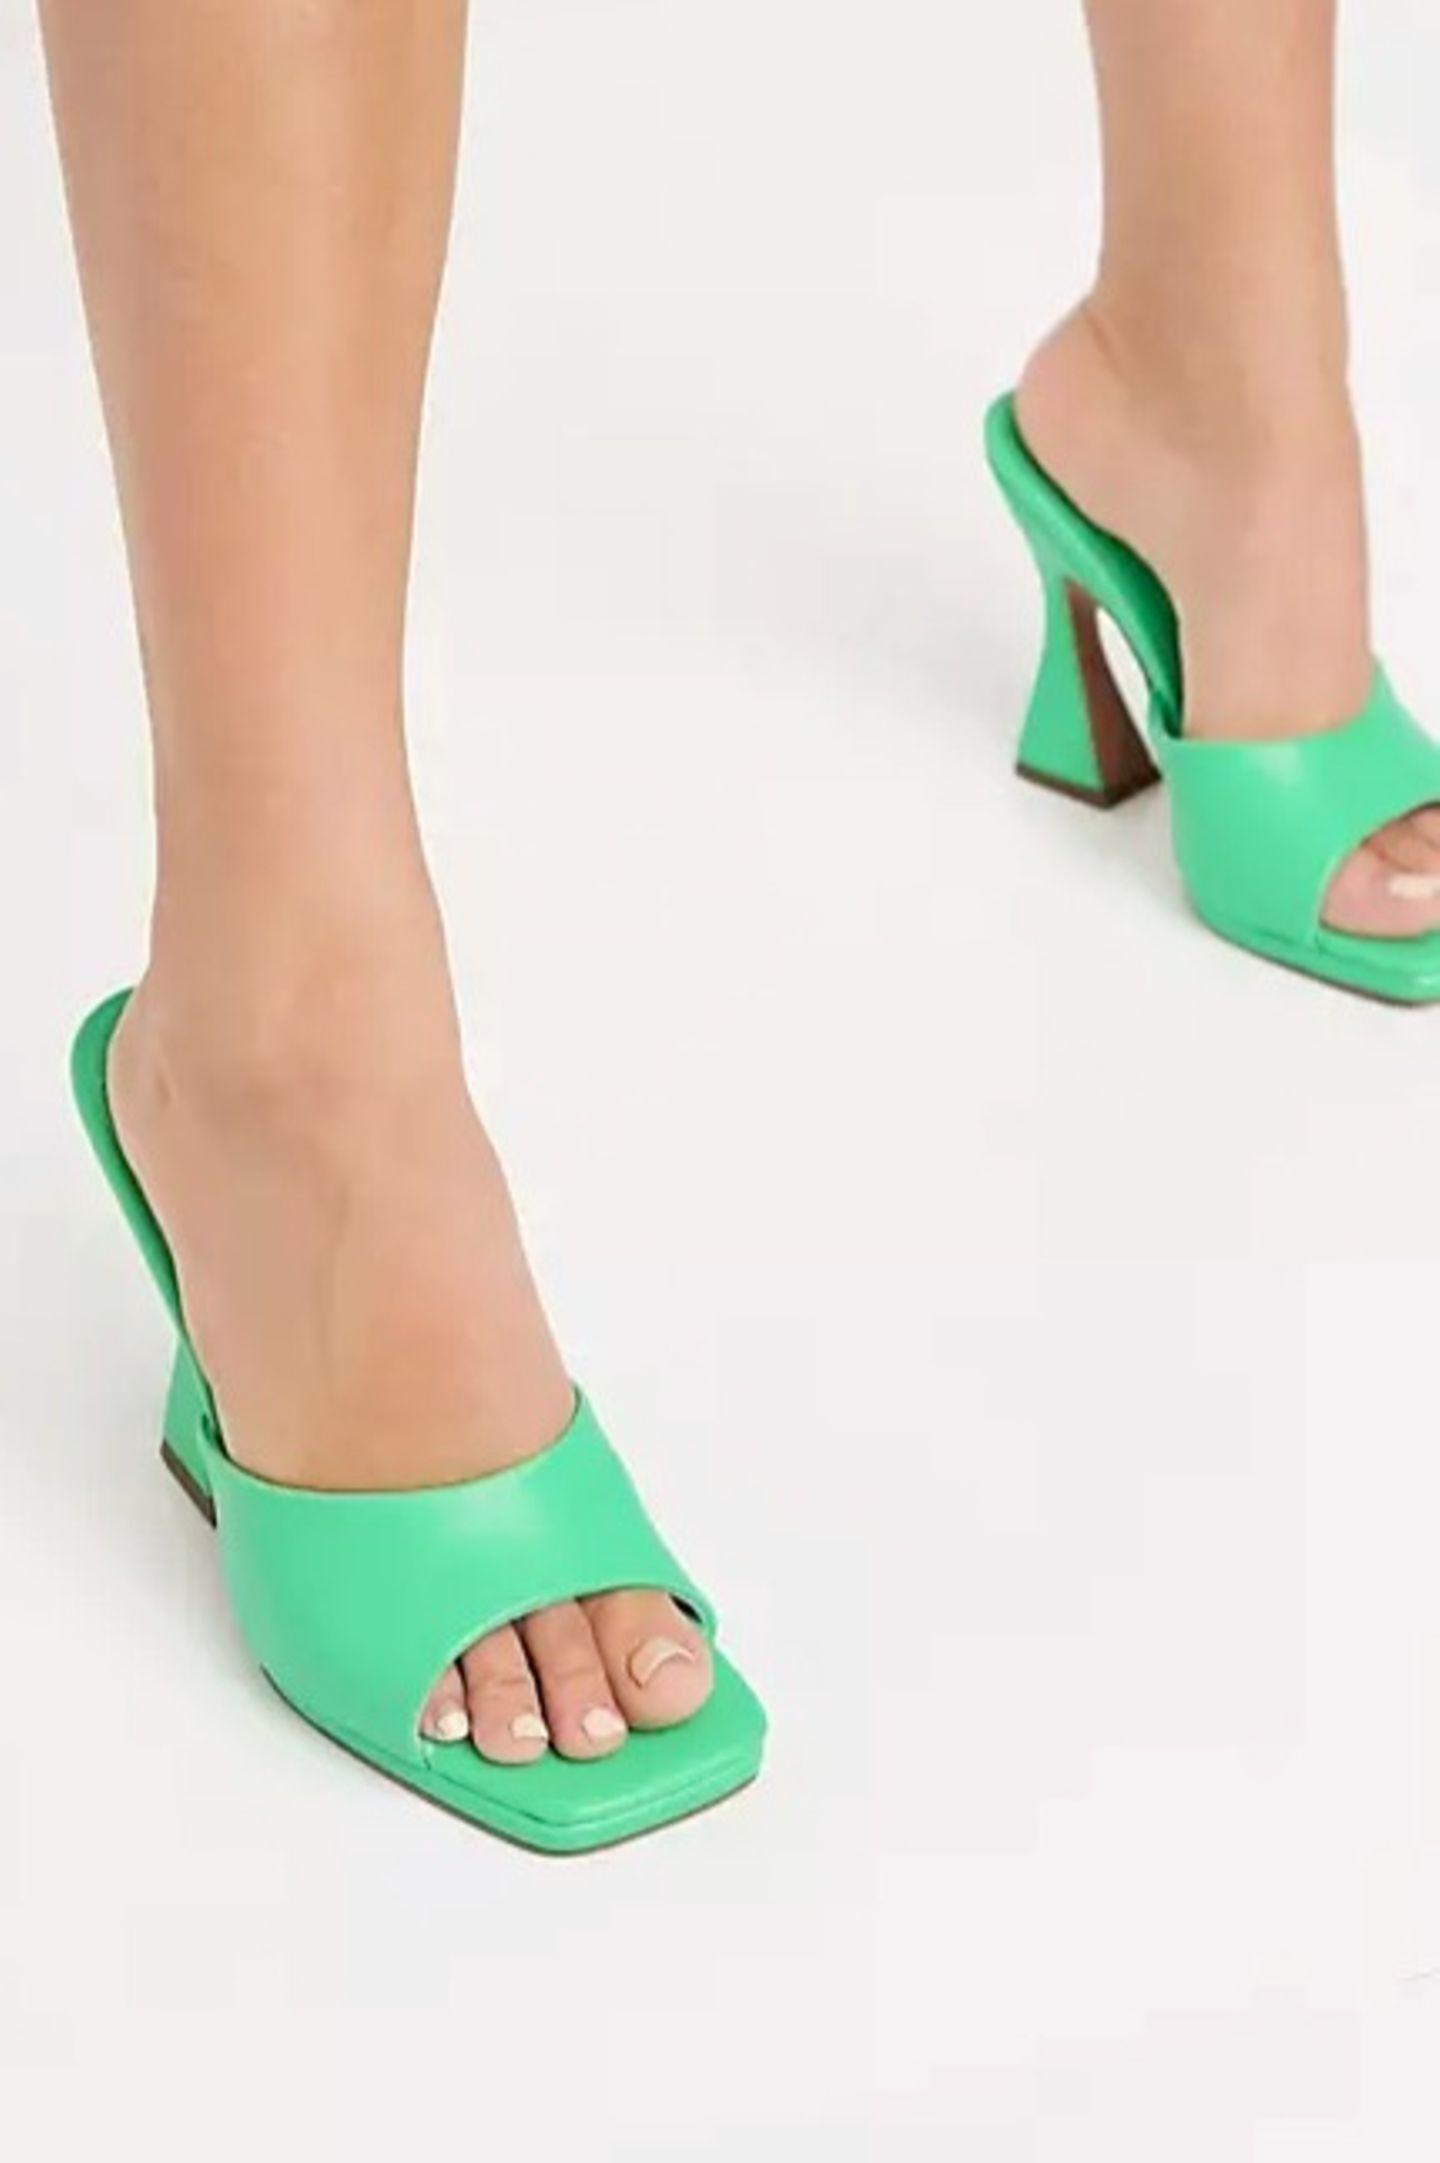 """Für all diejenigen, die erst einmal ausprobieren möchten, wie ihnen der Schuh-Trend 2021 steht, den empfehlen wir die günstigere Variante. Ebenfalls kantig vorne geschnitten und in einem knalligen Grün-Ton kommt er dem Original sehr nahe. """"Noland platform heeled mules in green"""" von Asos Design, kostet ca. 50 Euro."""